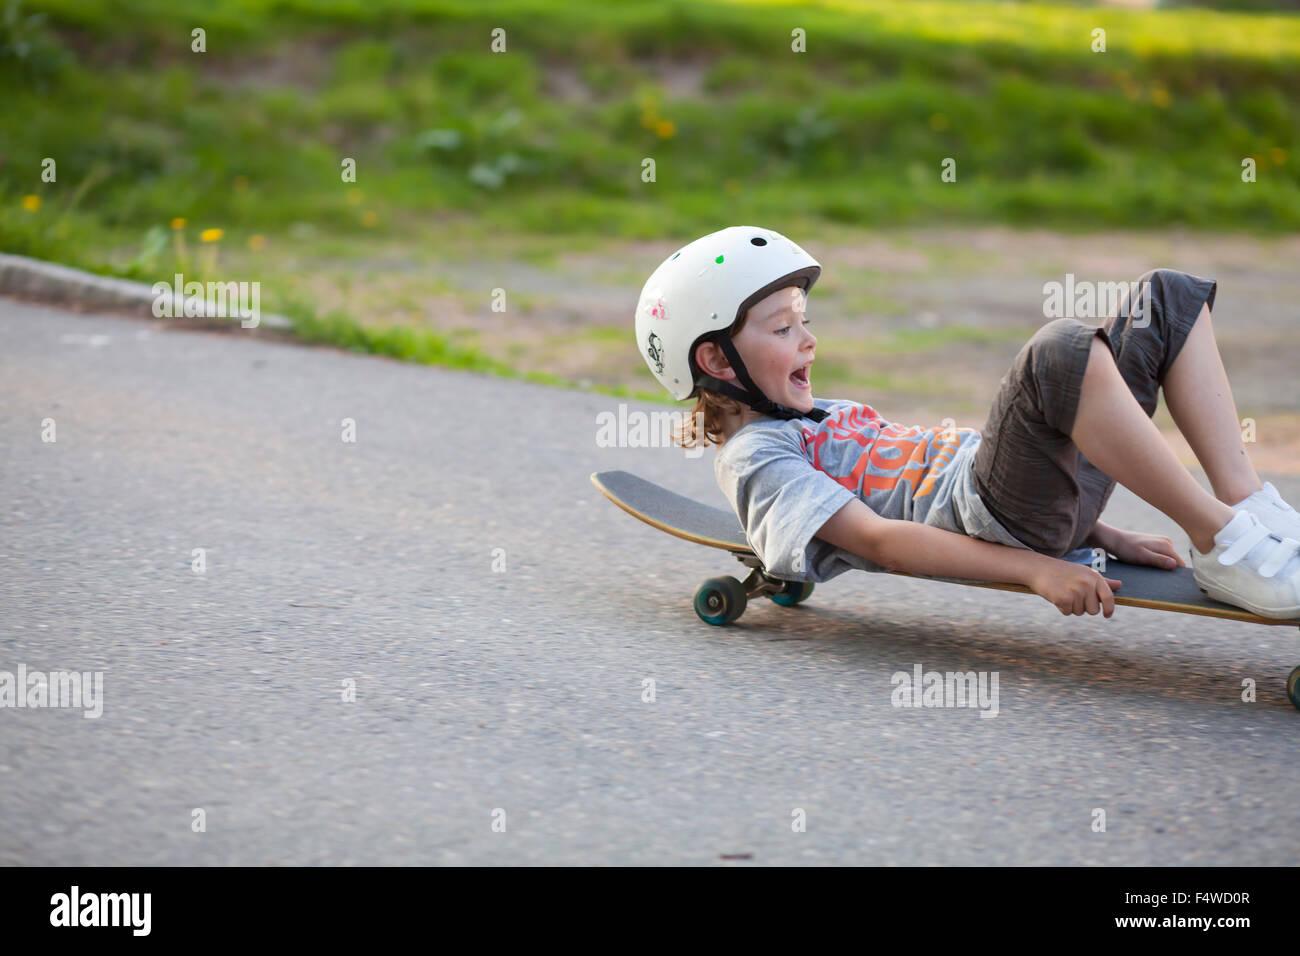 Suecia, Vastergotland, Lerum, Boy (8-9) deslizando hacia abajo en la calle monopatín Imagen De Stock